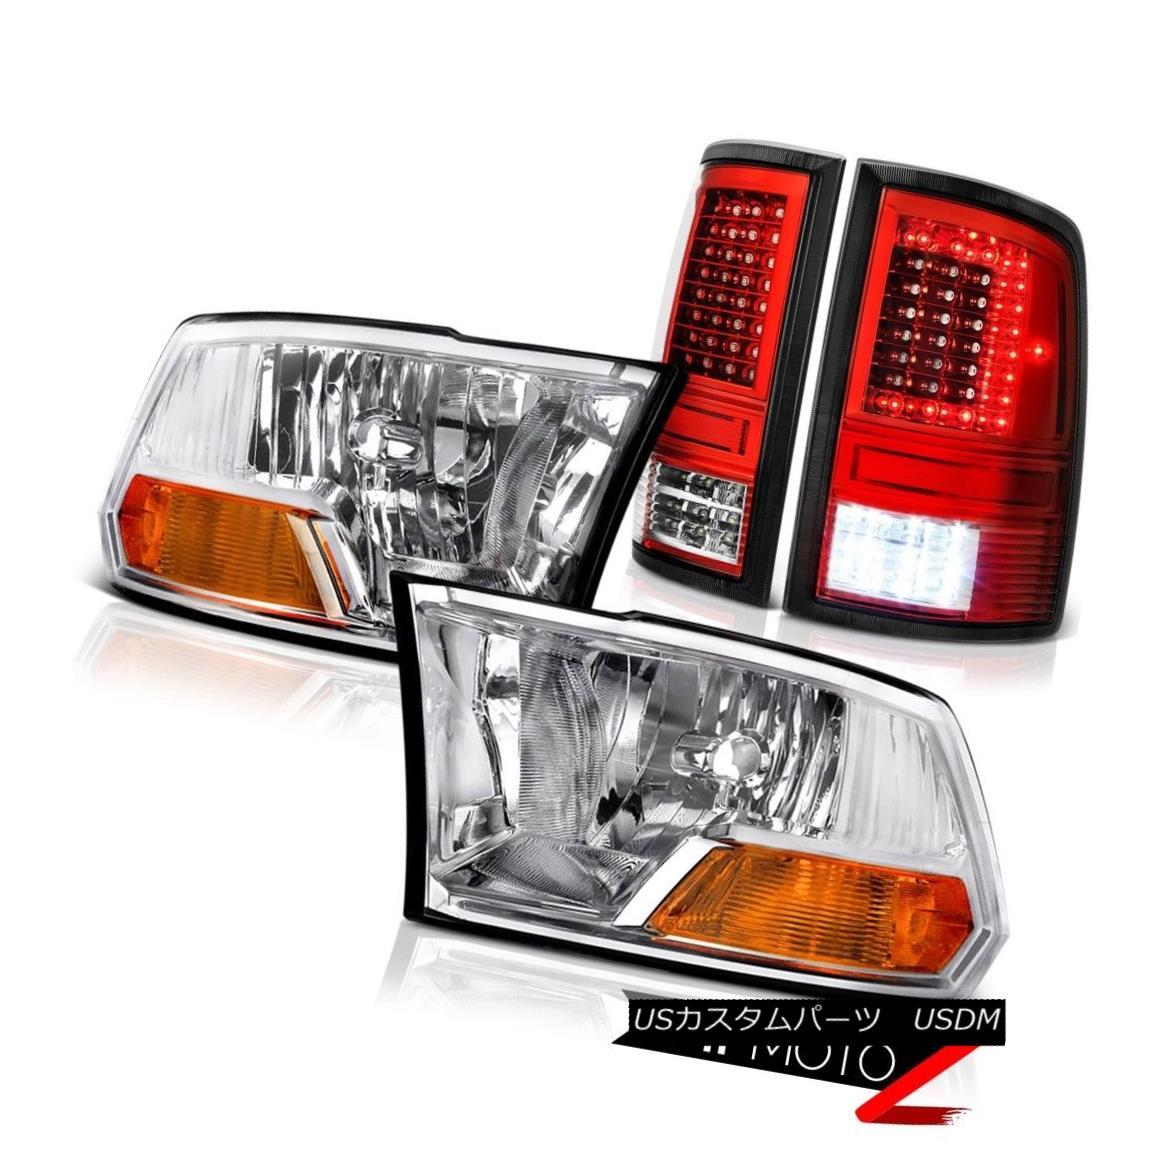 ヘッドライト 09 10 11-18 Dodge RAM 3500 Red Led Tail Lights Factory Style Headlamp SET PAIR 09 10 11-18ダッジRAM 3500赤いテールライト工場スタイルヘッドランプSET PAIR